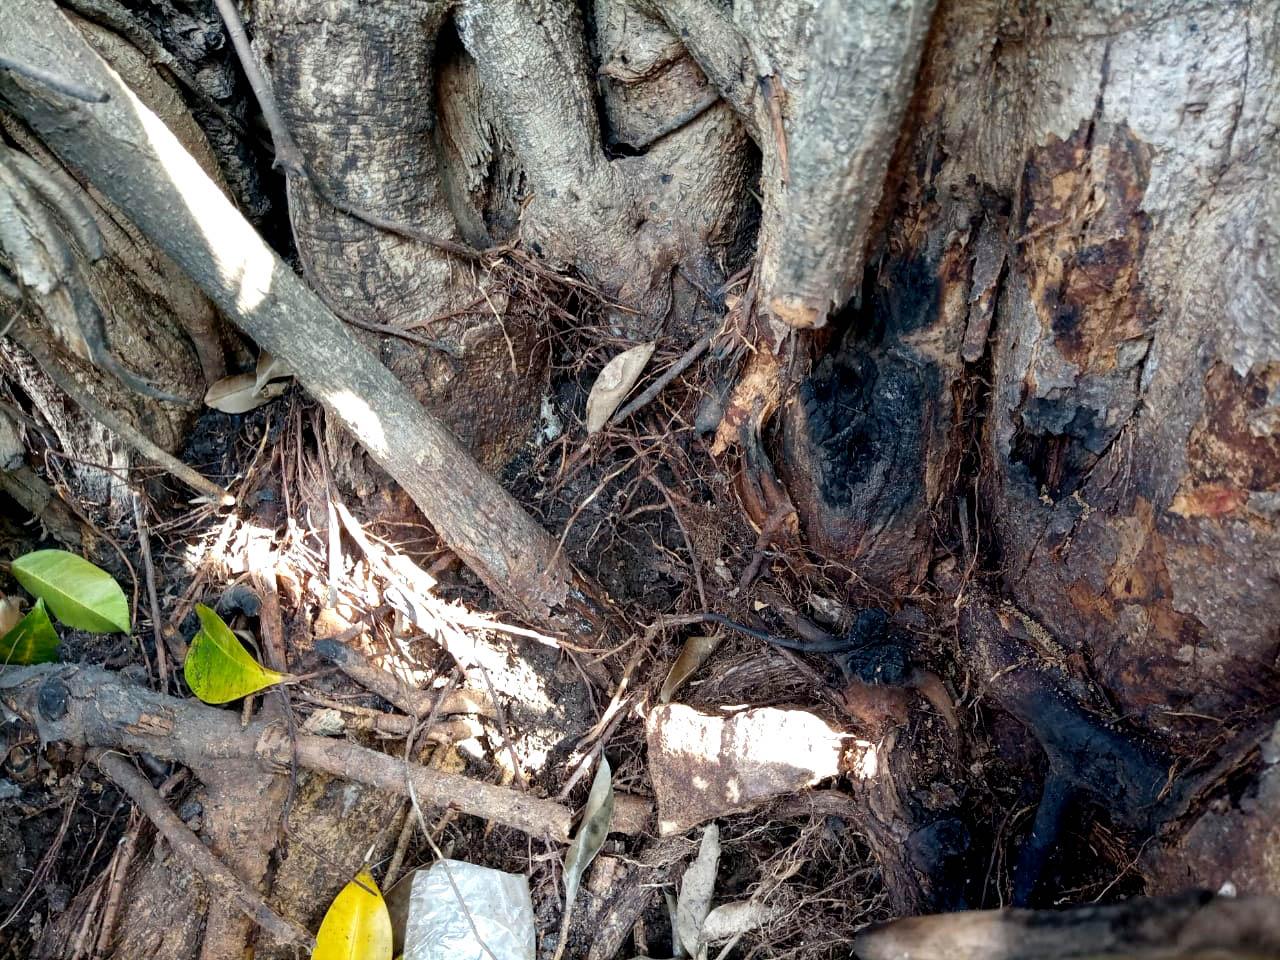 Bekas Pembakaran pada pokok pohon resan di area Pasar Kawak atau Pasar Argosari Lama.[Foto:Padmo]